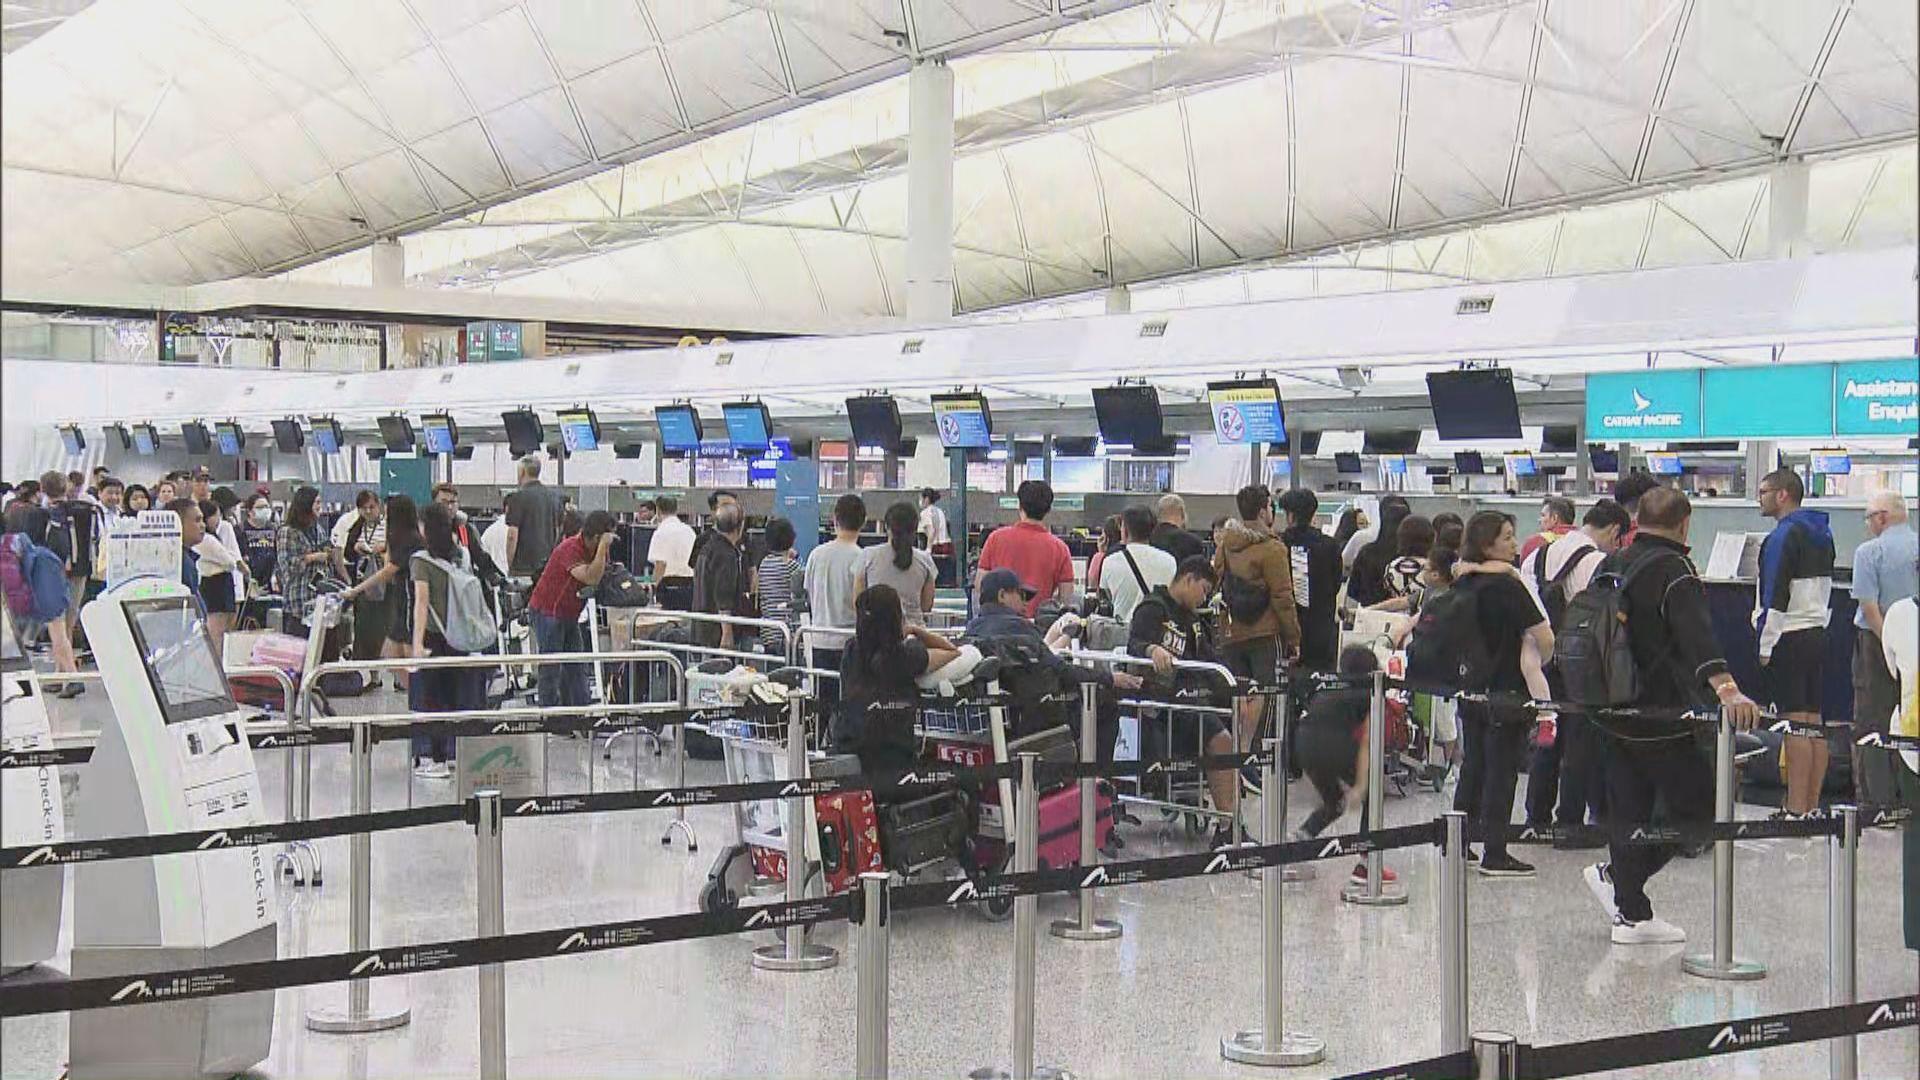 機場早上已陸續恢復運作